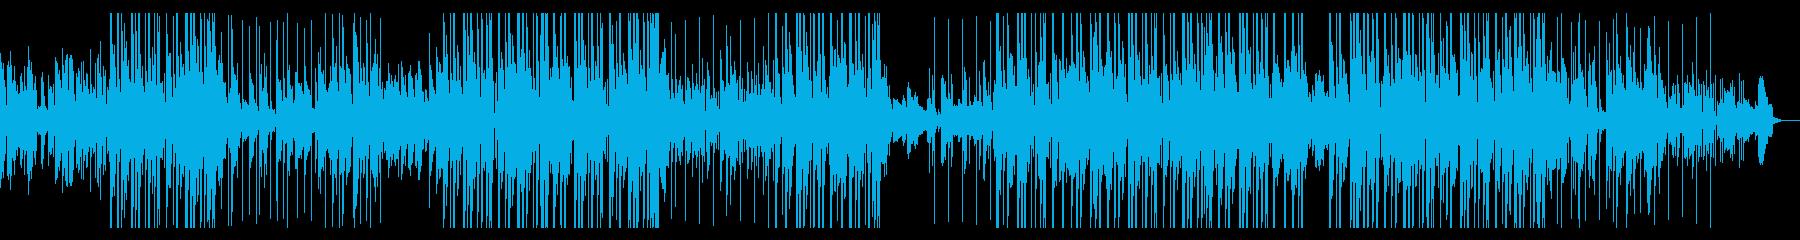 切ないピアノLOFI HIP HOPの再生済みの波形